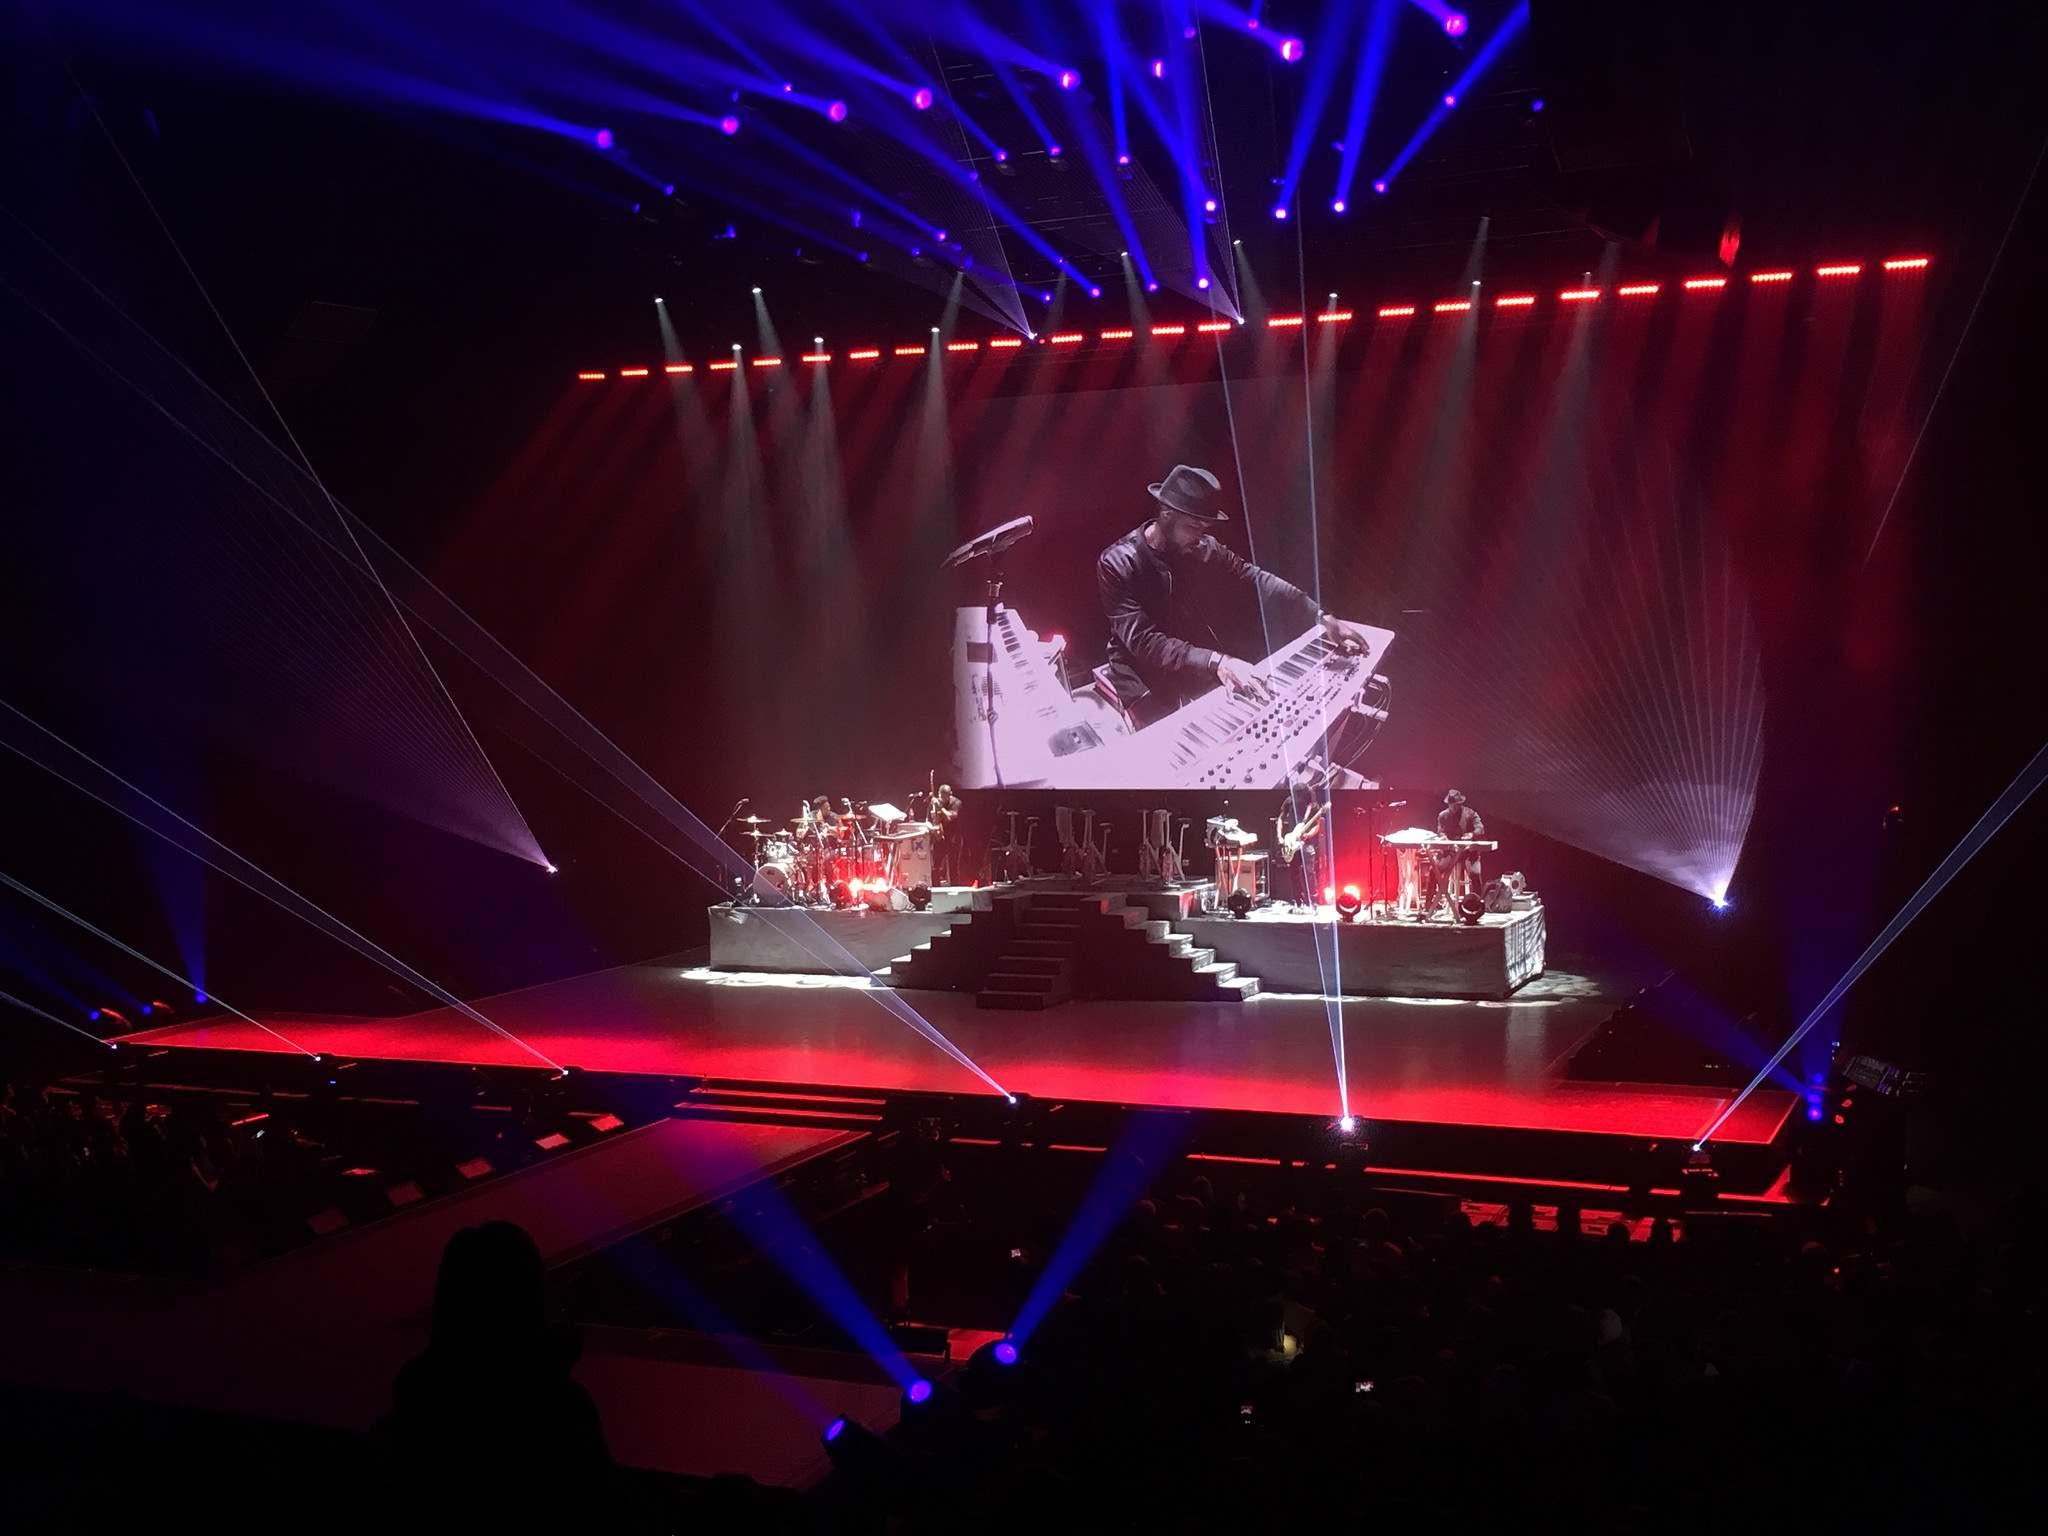 ariana grande7 Ariana Grande   Dangerous Woman Tour in Sydney, Australia